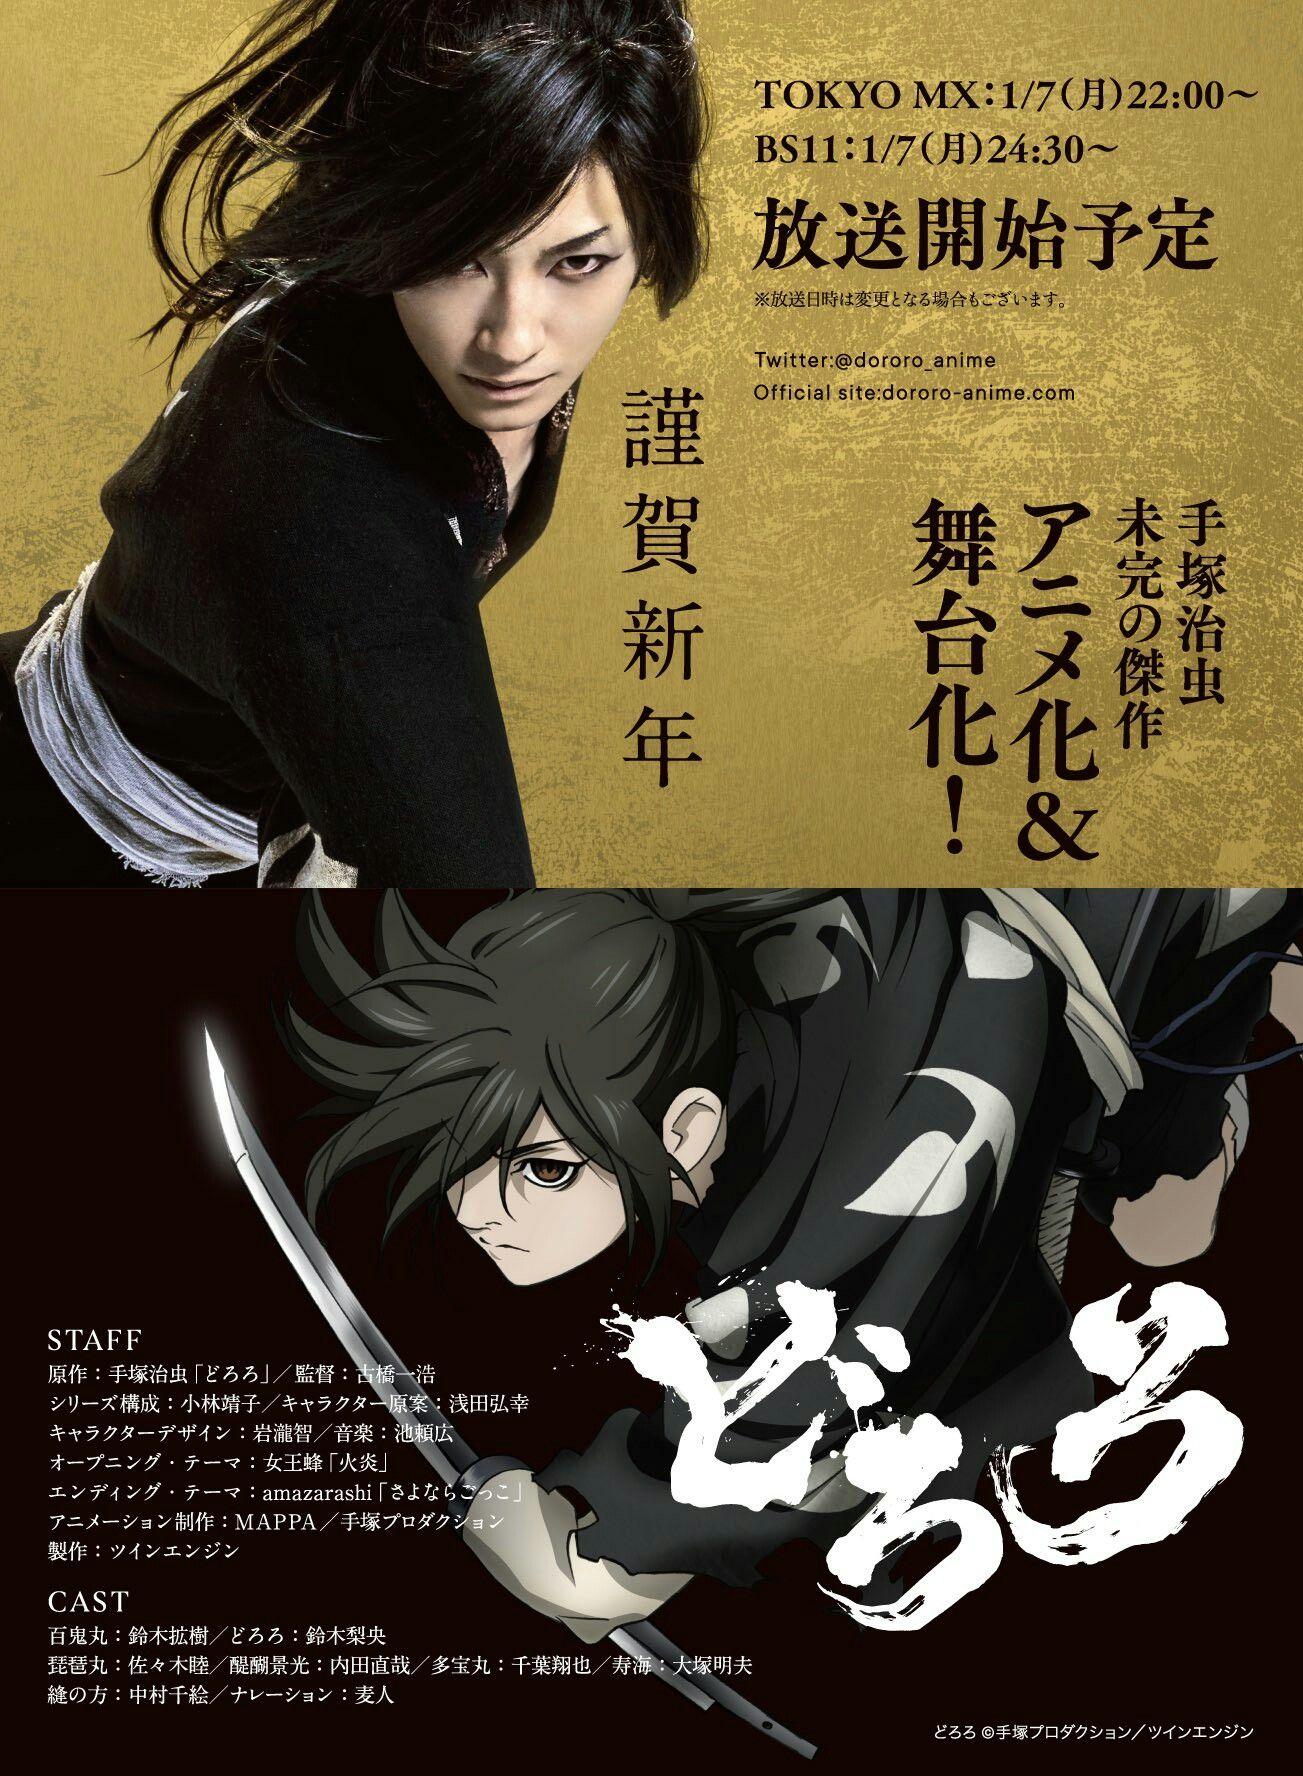 Hiroki Suzuki (Hyakkimaru) is seiyuus and stage actor in